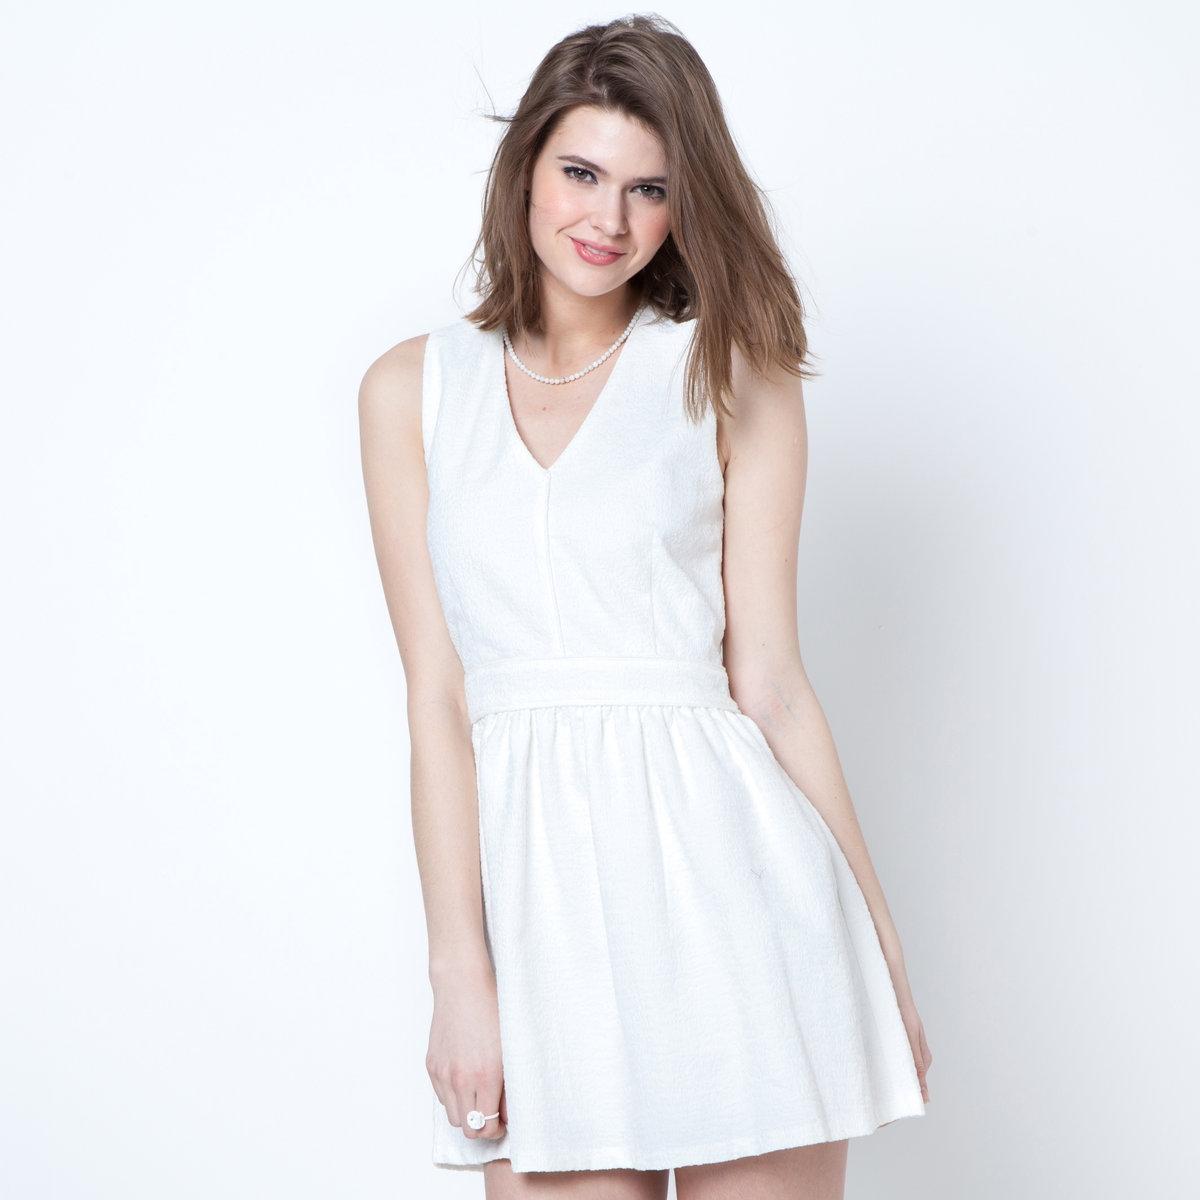 Купить со скидкой Платье Cagliari с V-образным вырезом, без рукавов